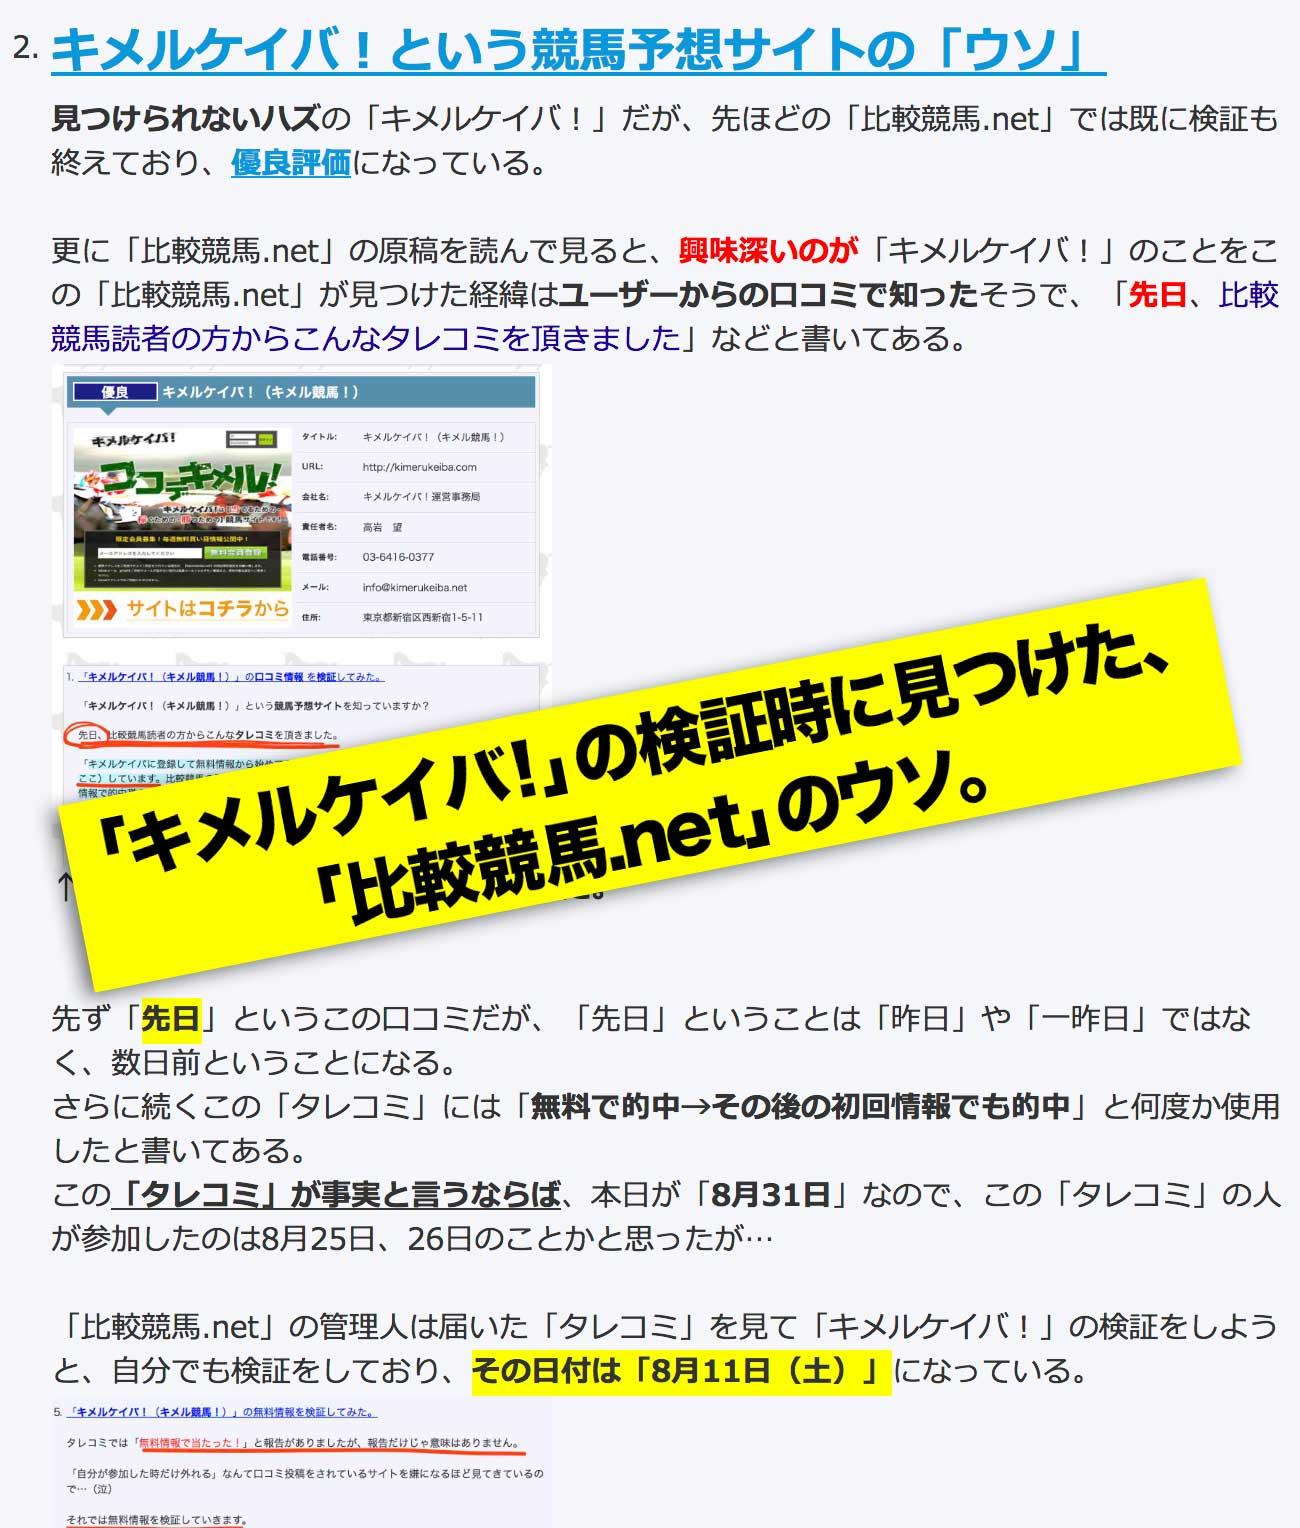 競馬予想サイトのキメルケイバ!も口コミ検証サイトの「比較競馬.net」が自社集客サイトのようだ